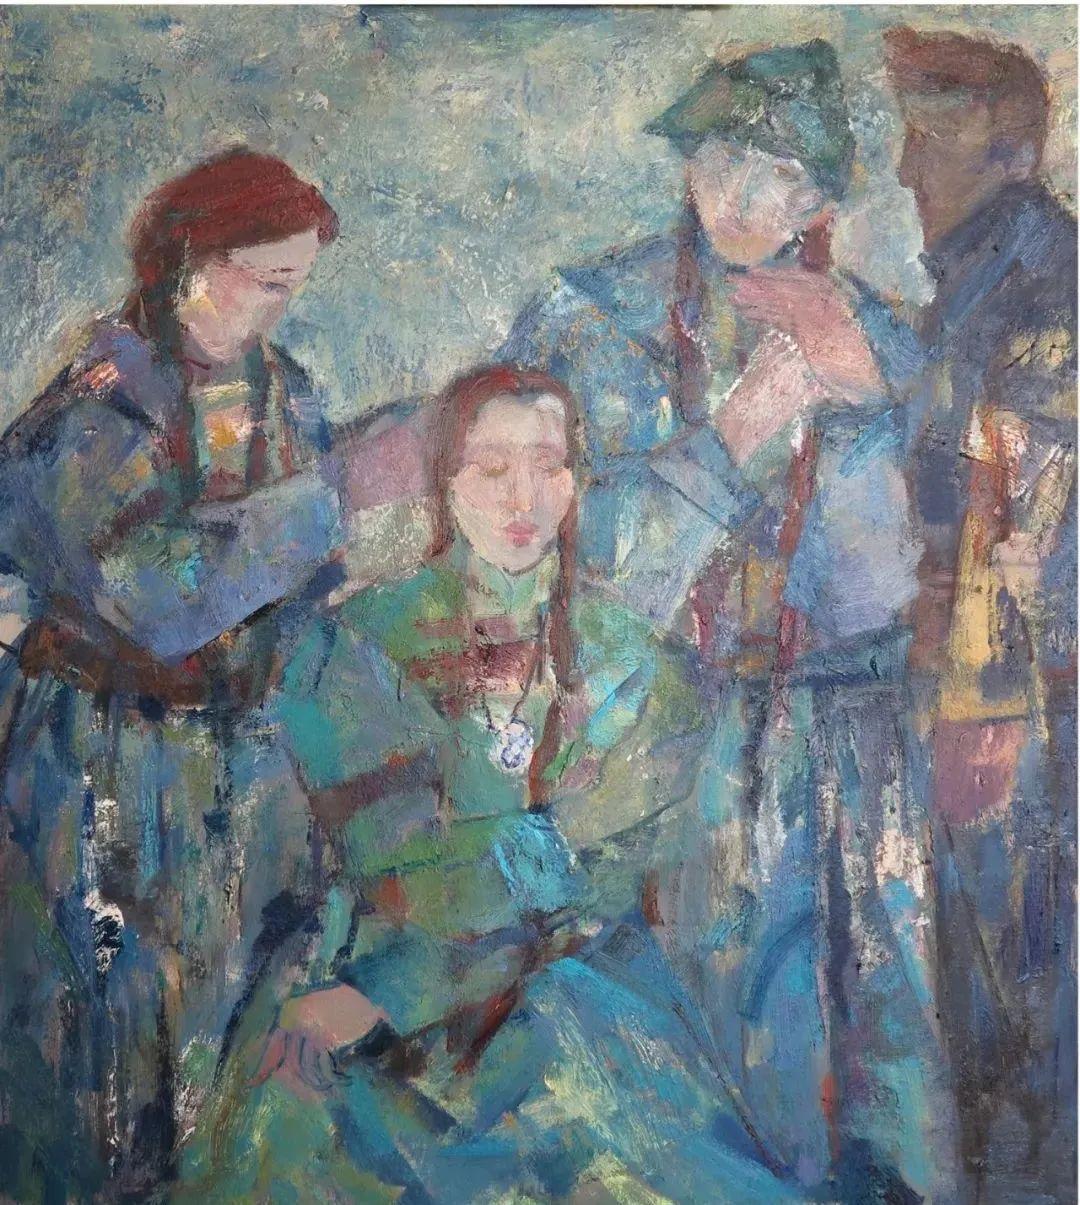 内蒙古当代美术家系列--乌吉斯古楞 第13张